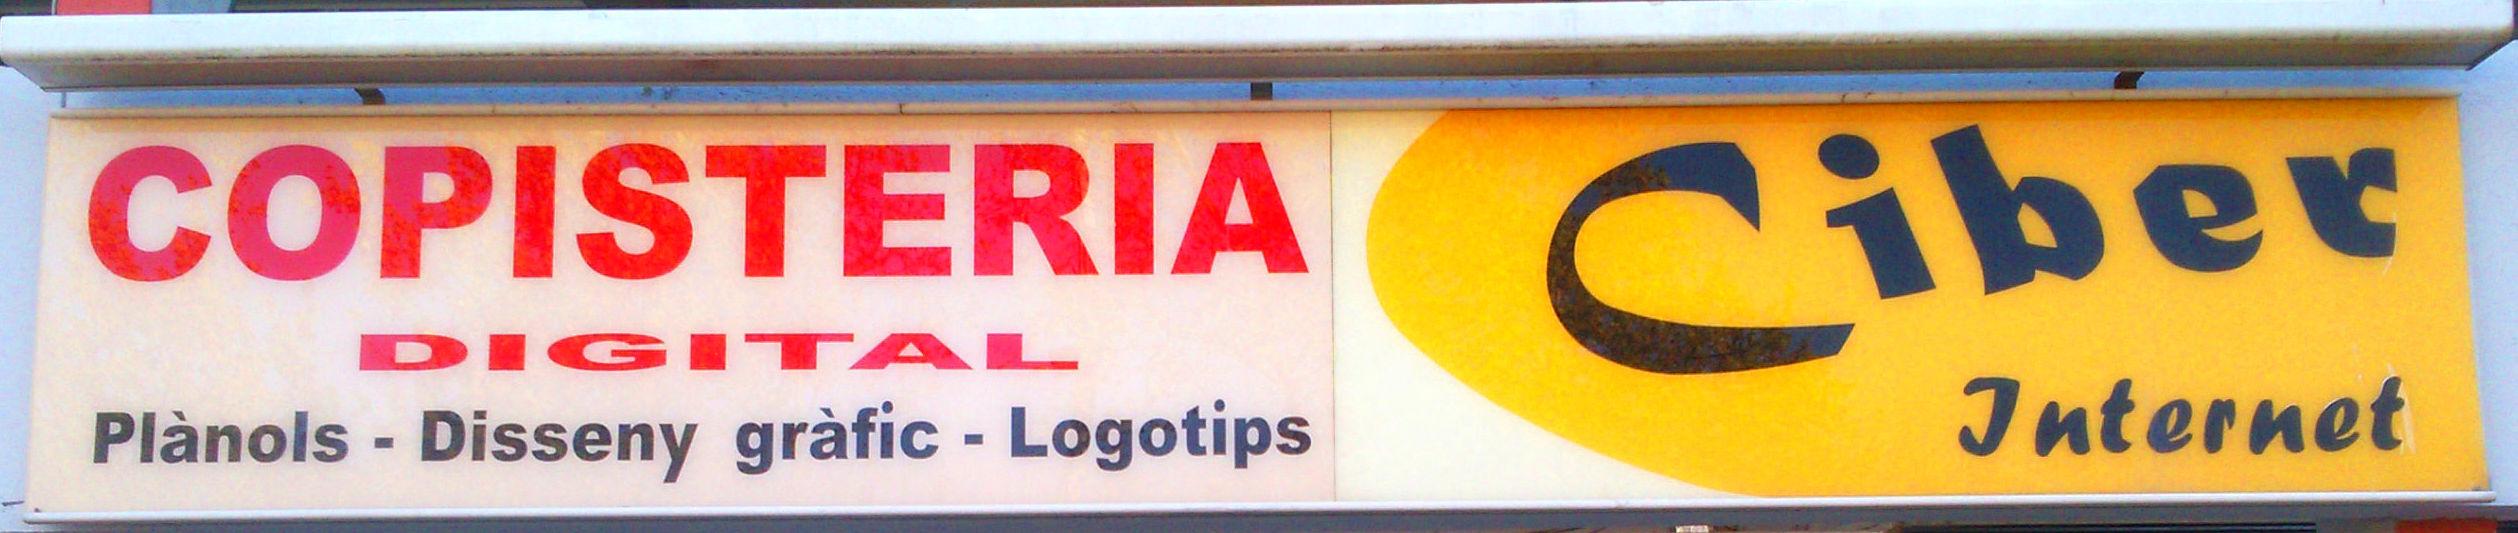 Foto 4 de Fotocopias en Barcelona | Copy-Deas Copistería